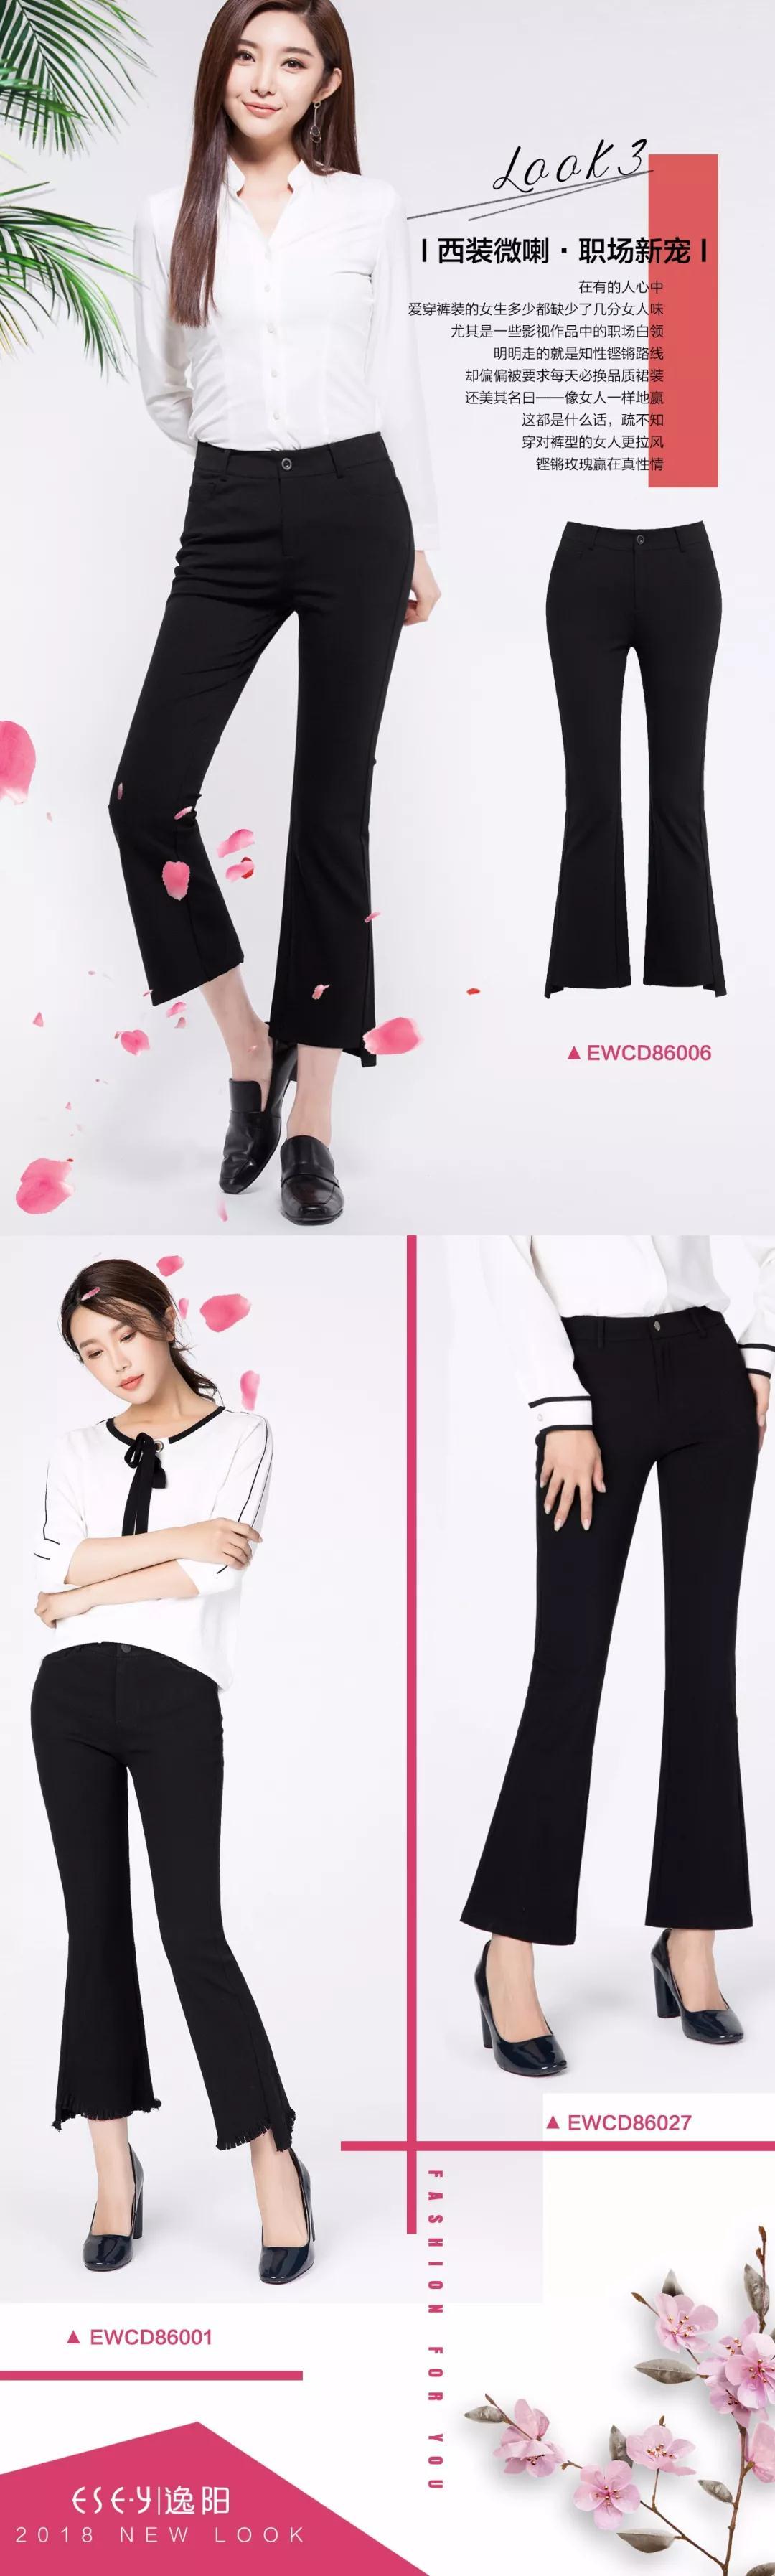 釋放甜蜜信號,簡單褲裝,簡單愛。|企業資訊-鄭州云頂服飾有限公司